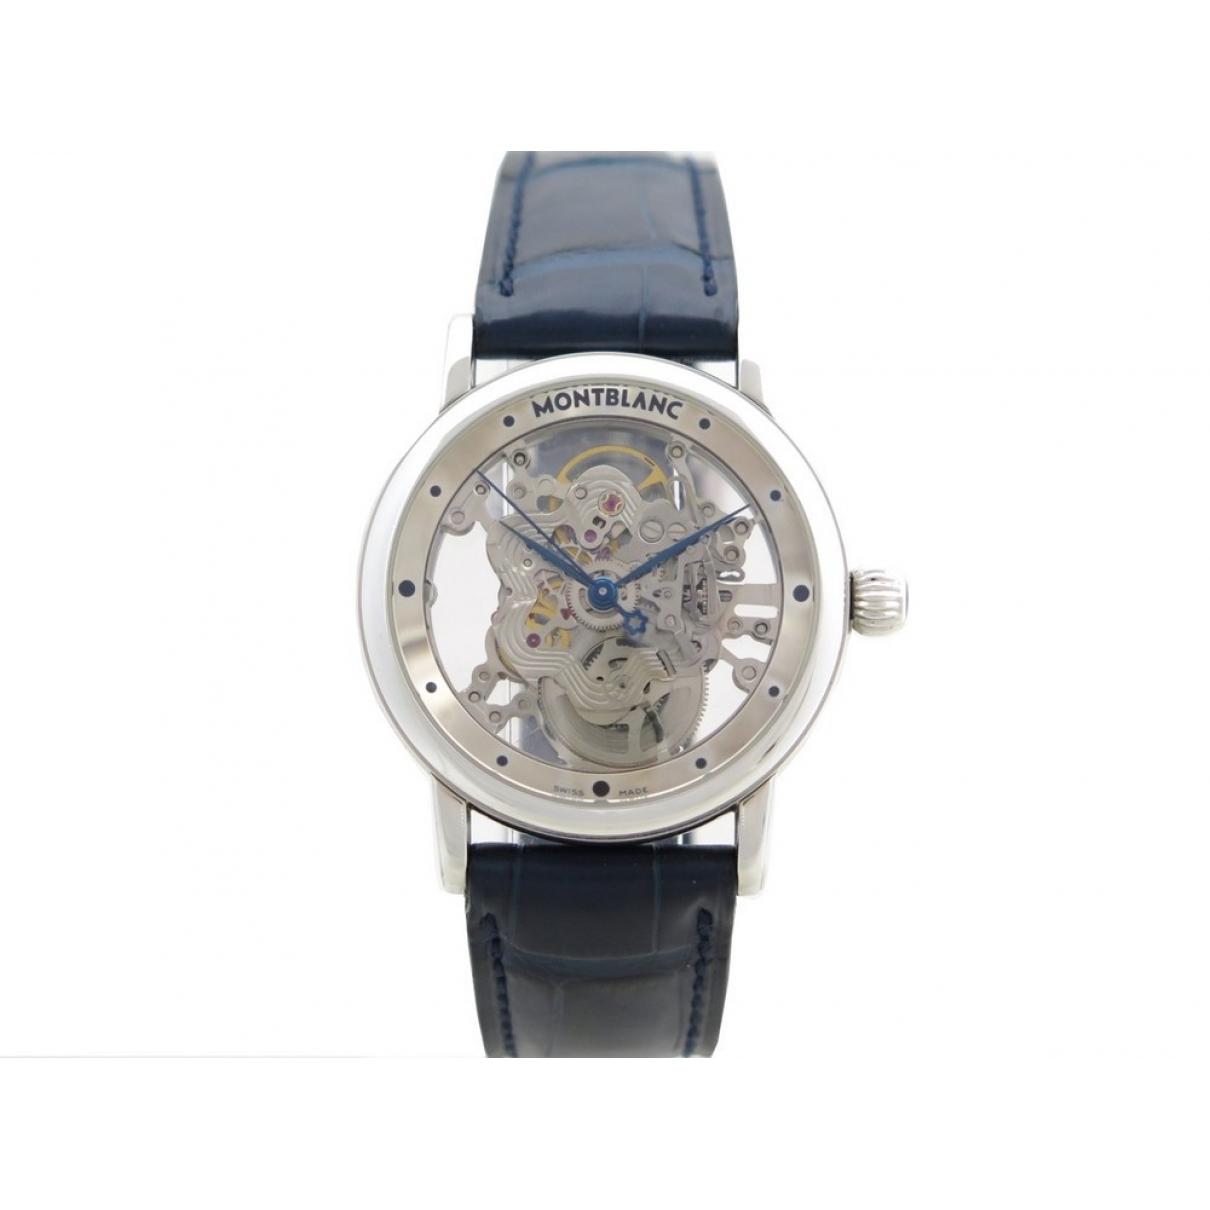 Relojes Meisterstuck Montblanc